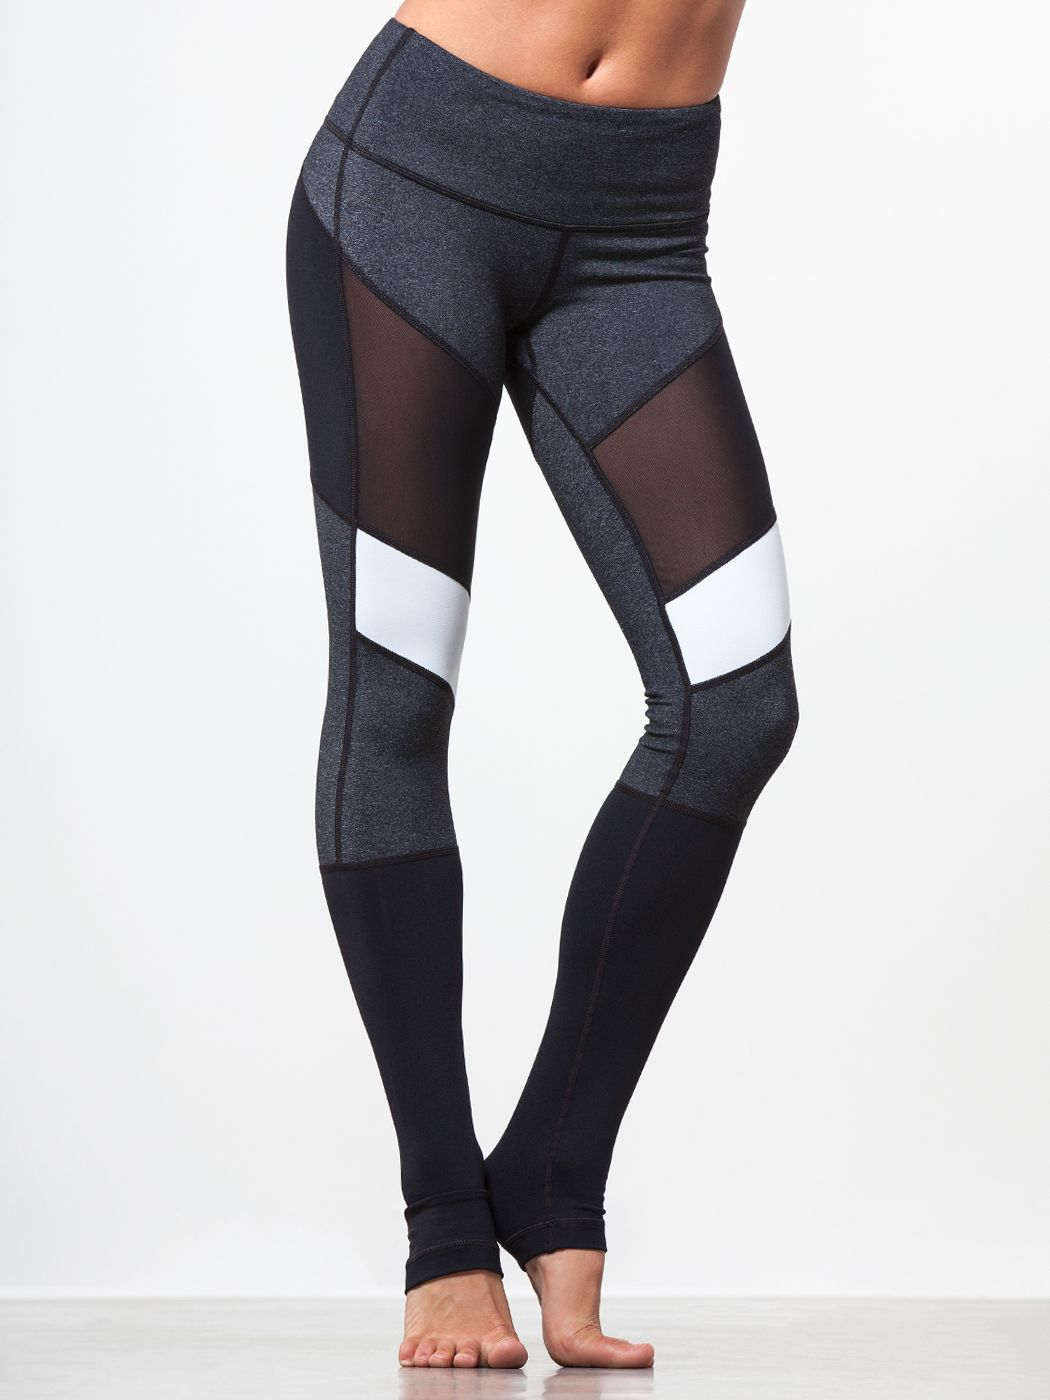 Adagio Legging in Black/charcoal